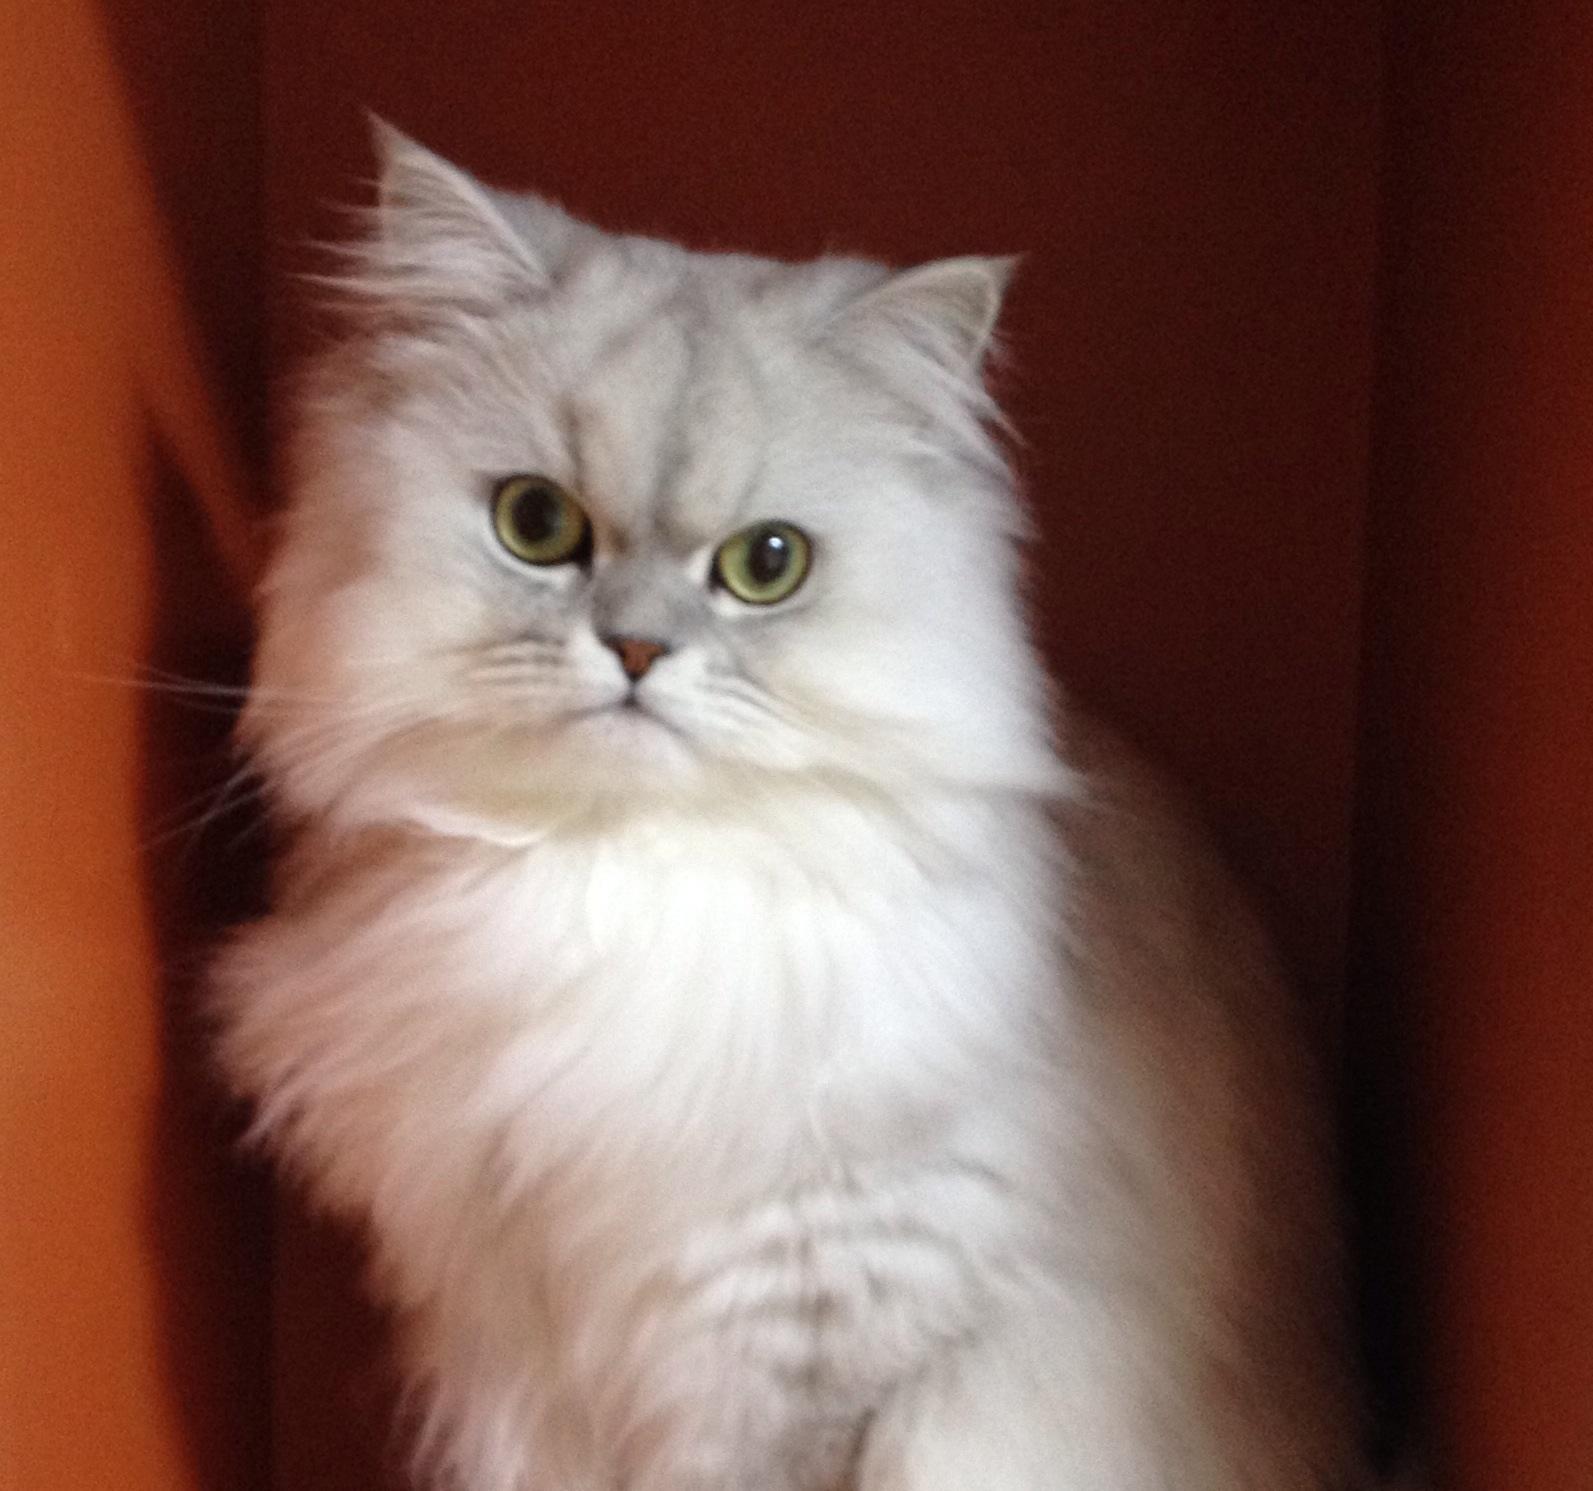 ペルシャ猫の価値としては、お鼻が潰れていて、目も寄っていてというように中央に集まっている感じ\u2026。 私はどうも好きではありません (´・_・`)